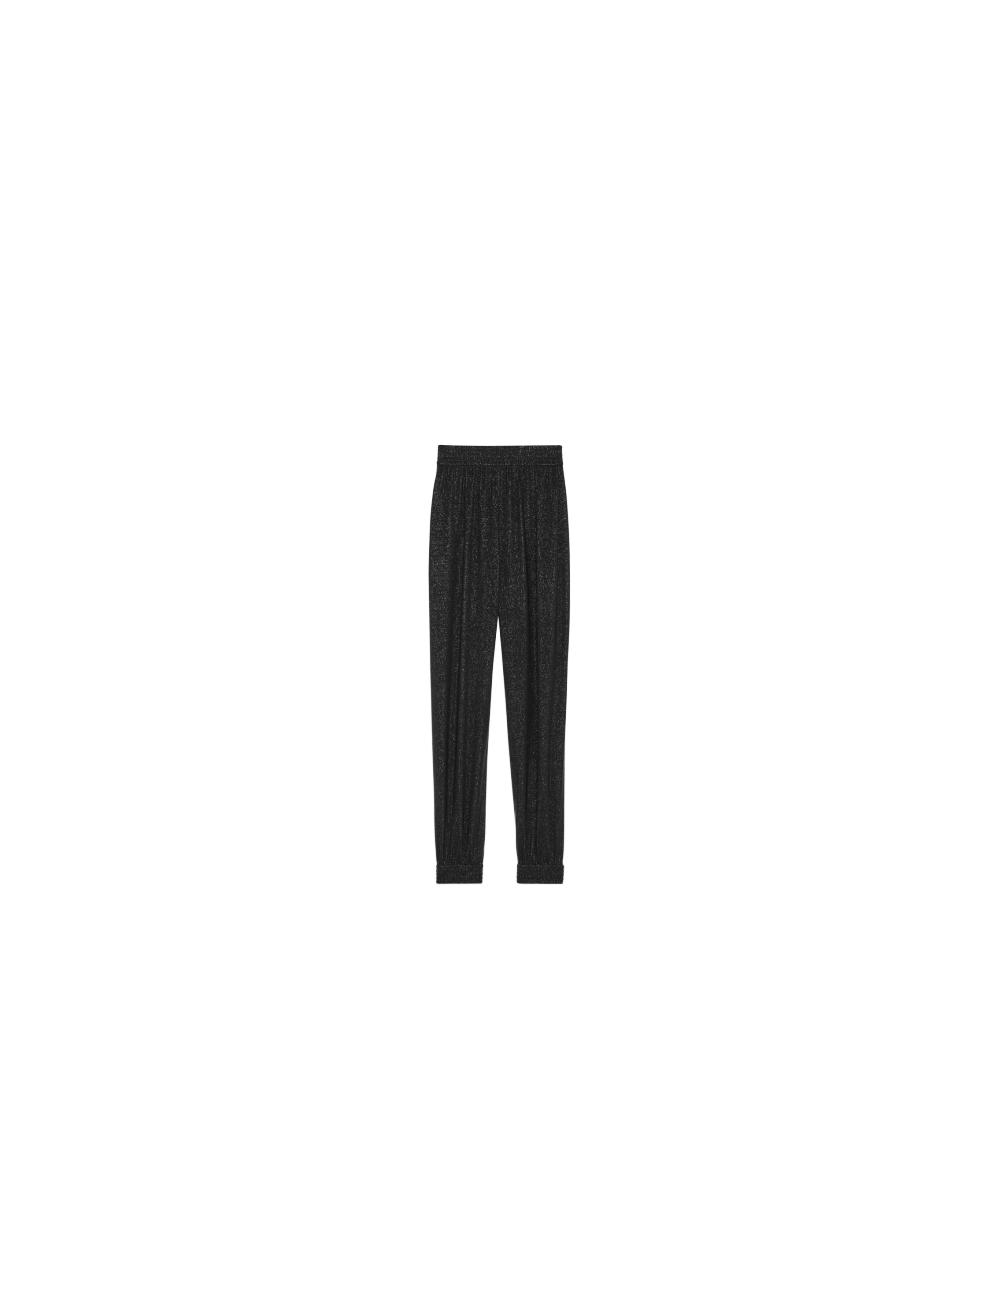 Fluid pants Saint Laurent - BIG BOSS MEGEVE